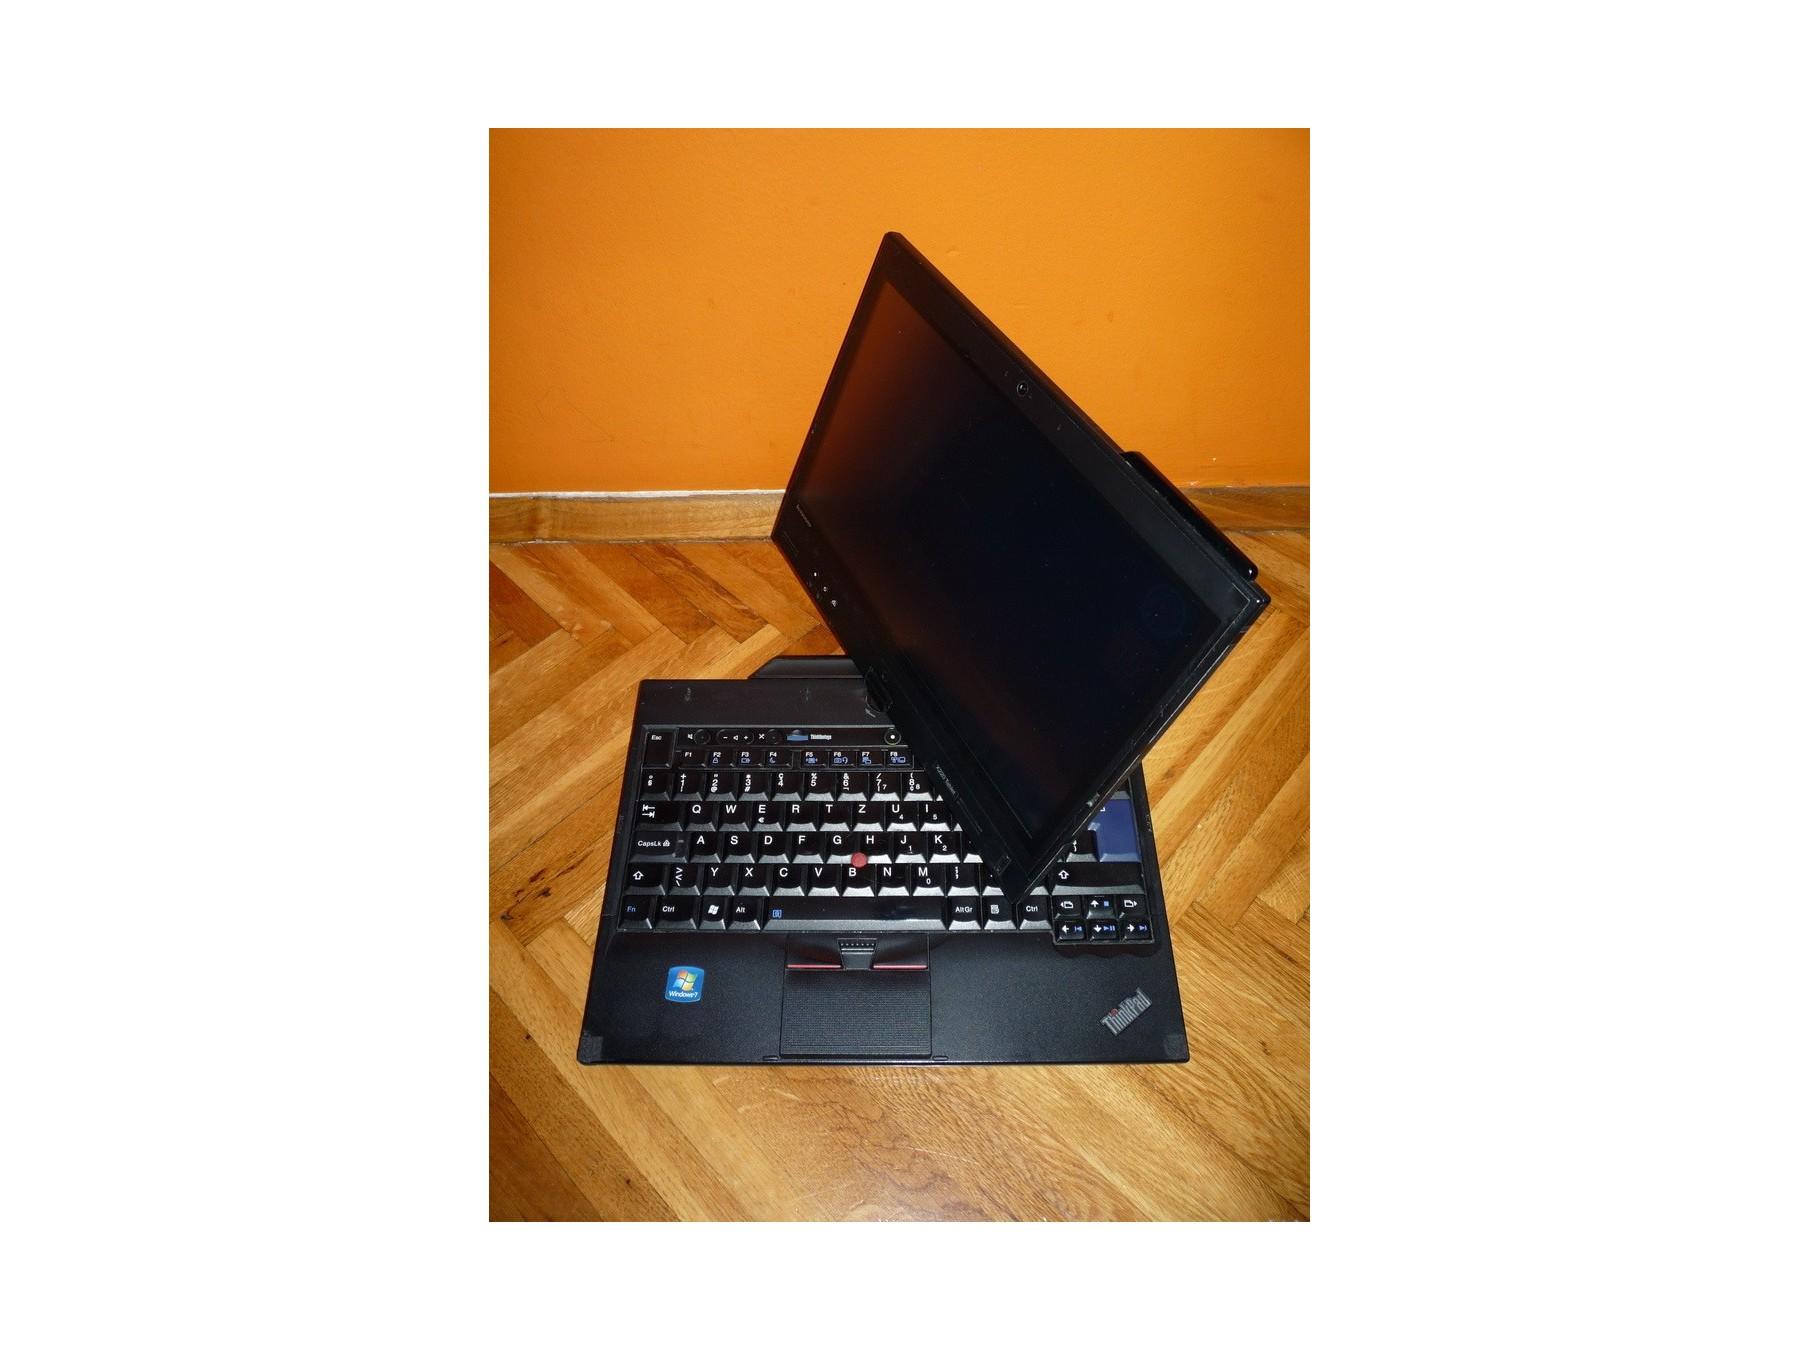 Lenovo ThinkPad X220 Tablet i5 8Gb 320Gb HD3000